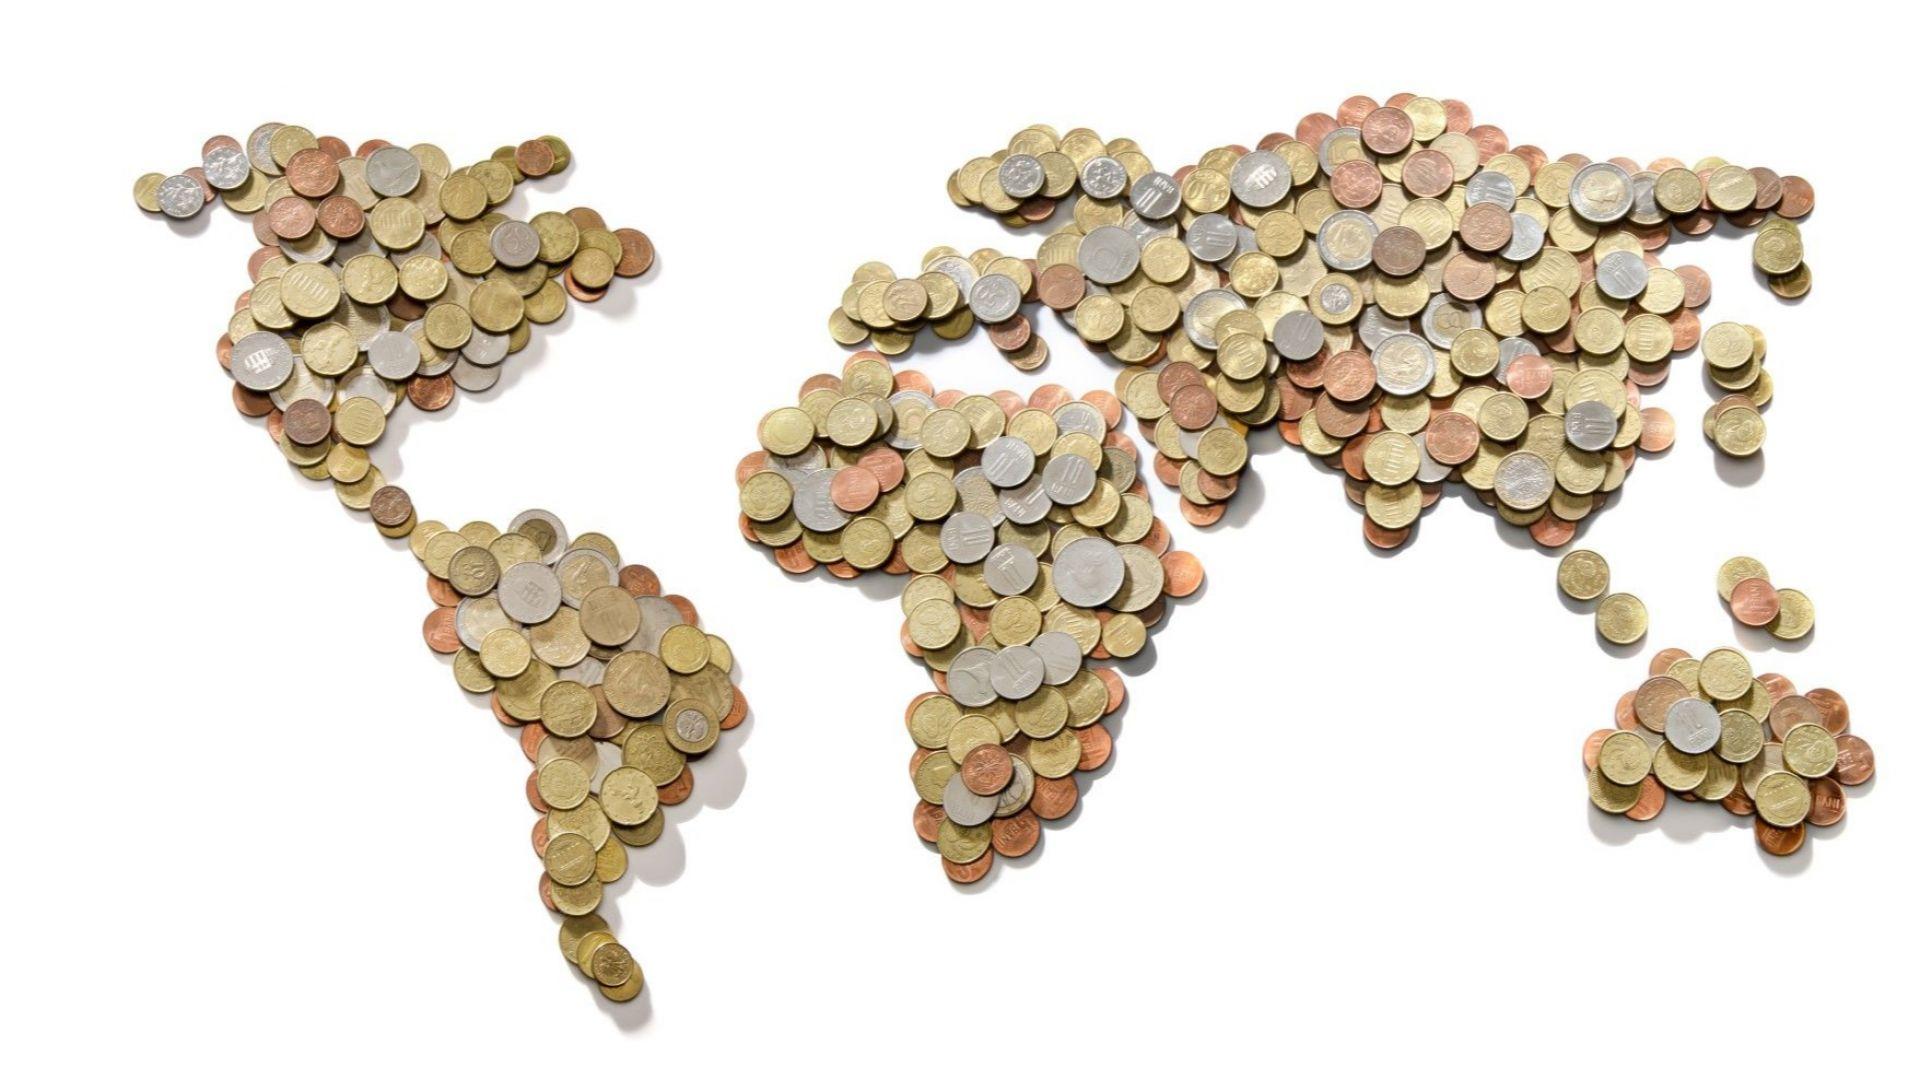 Парите - универсално разплащателно средство или фикция без връзка с номиналната им стойност